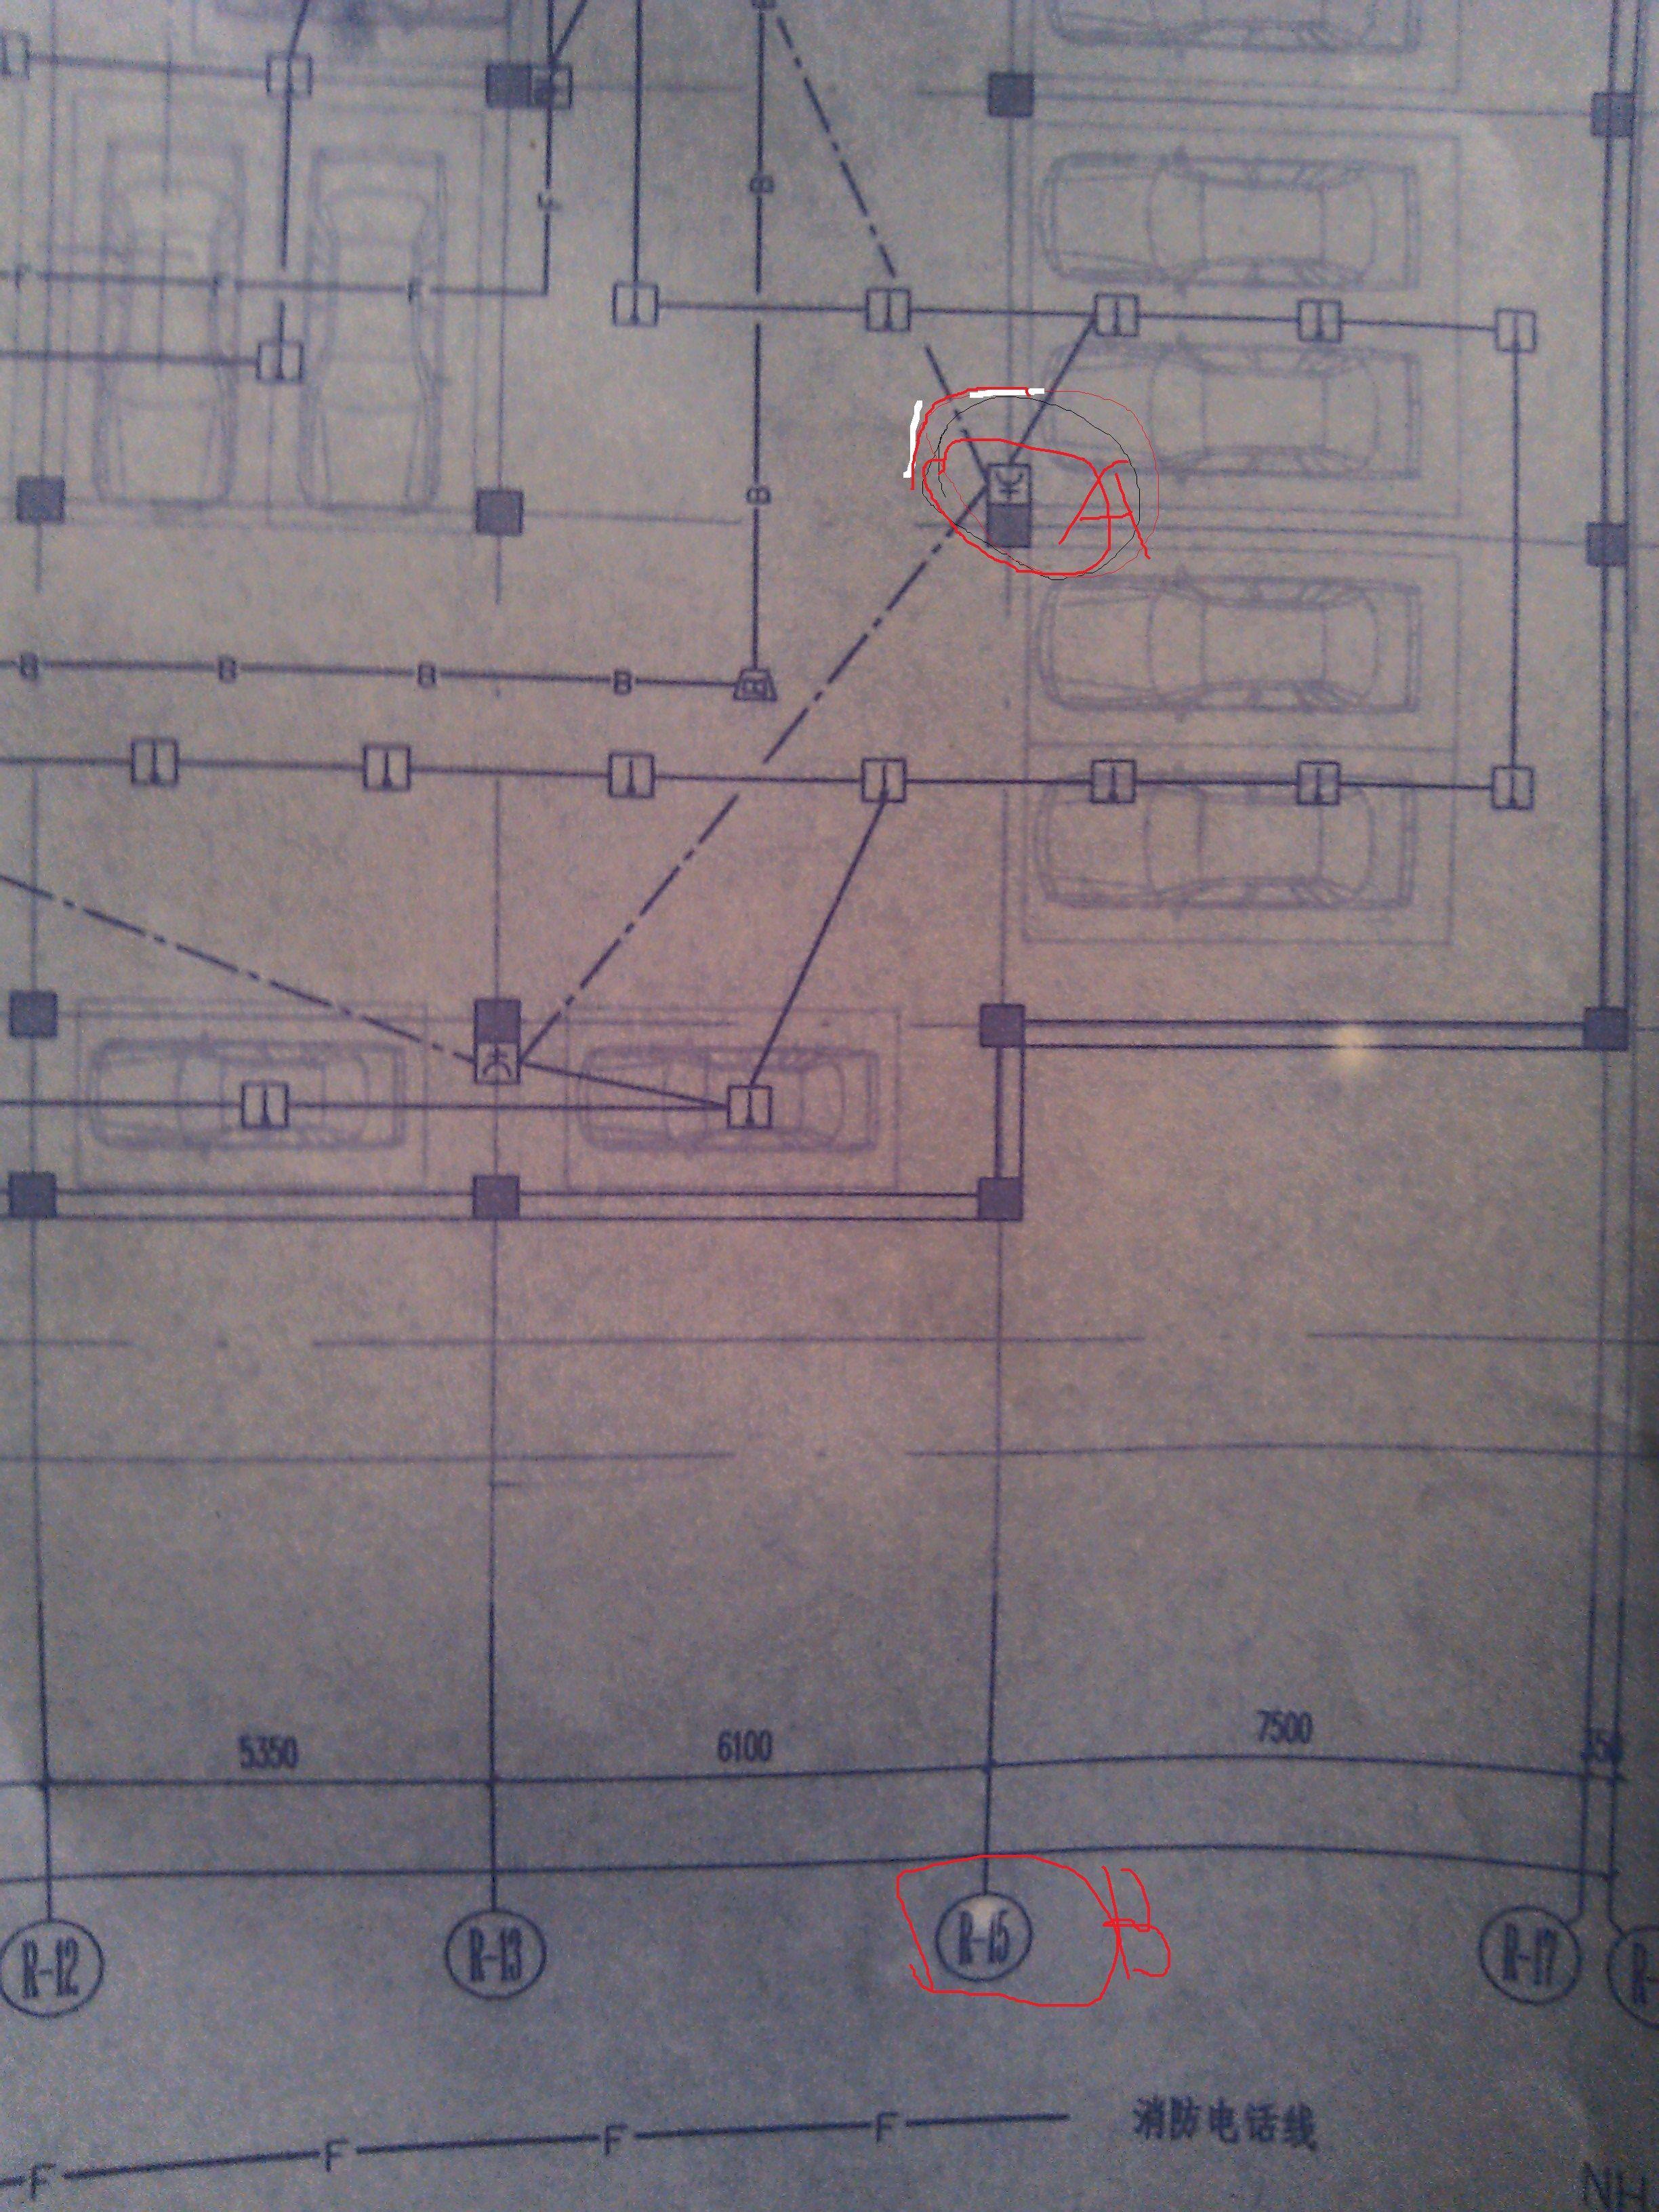 2013-07-0920:47提问者绘制a按钮的是消防箱两个,b代表是建筑物采纳代表圆的公切线时需v按钮图片